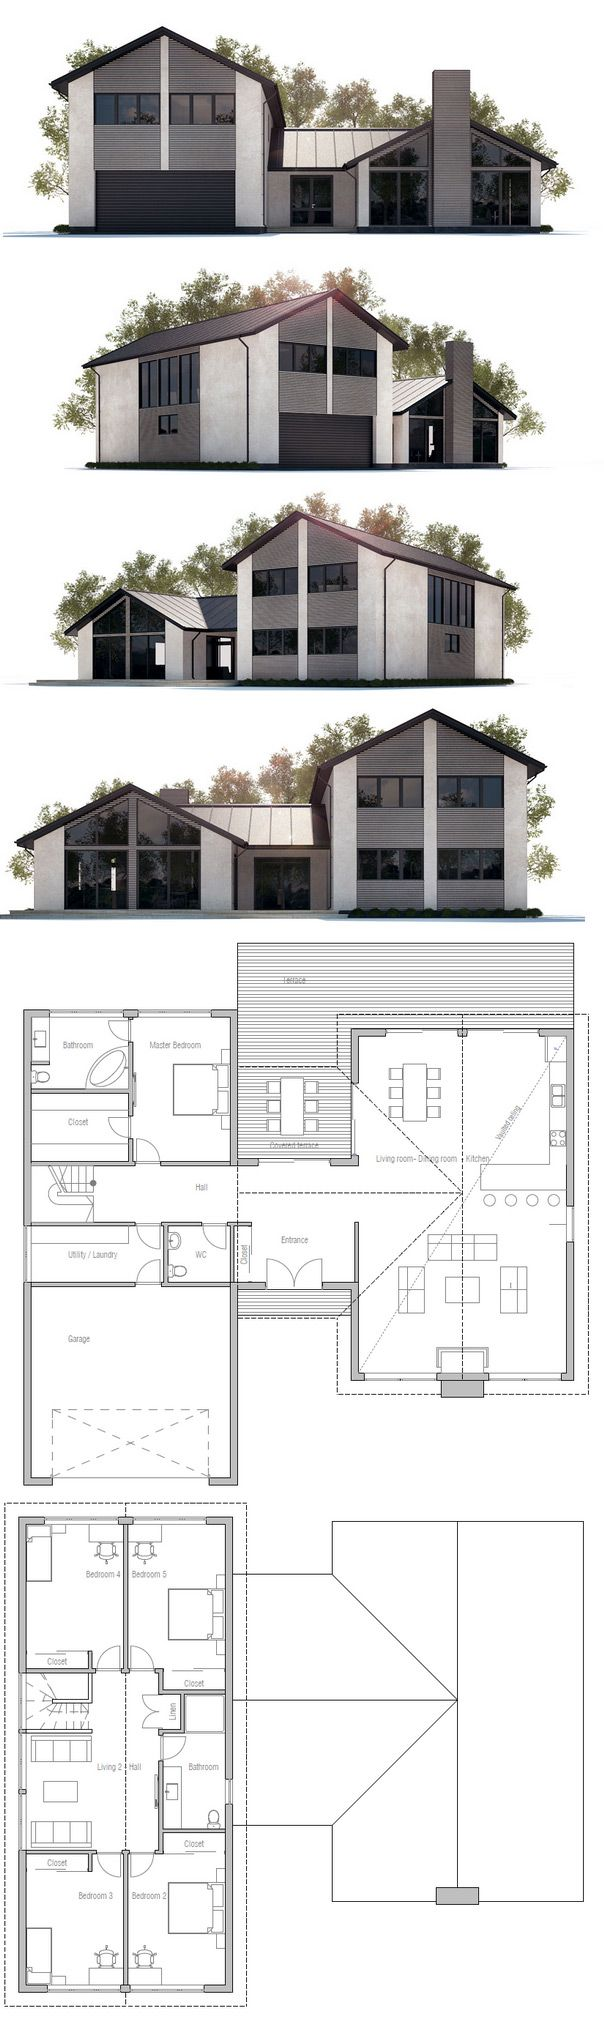 Les 25 meilleures id es de la cat gorie plan maison etage for Plan maison minimaliste